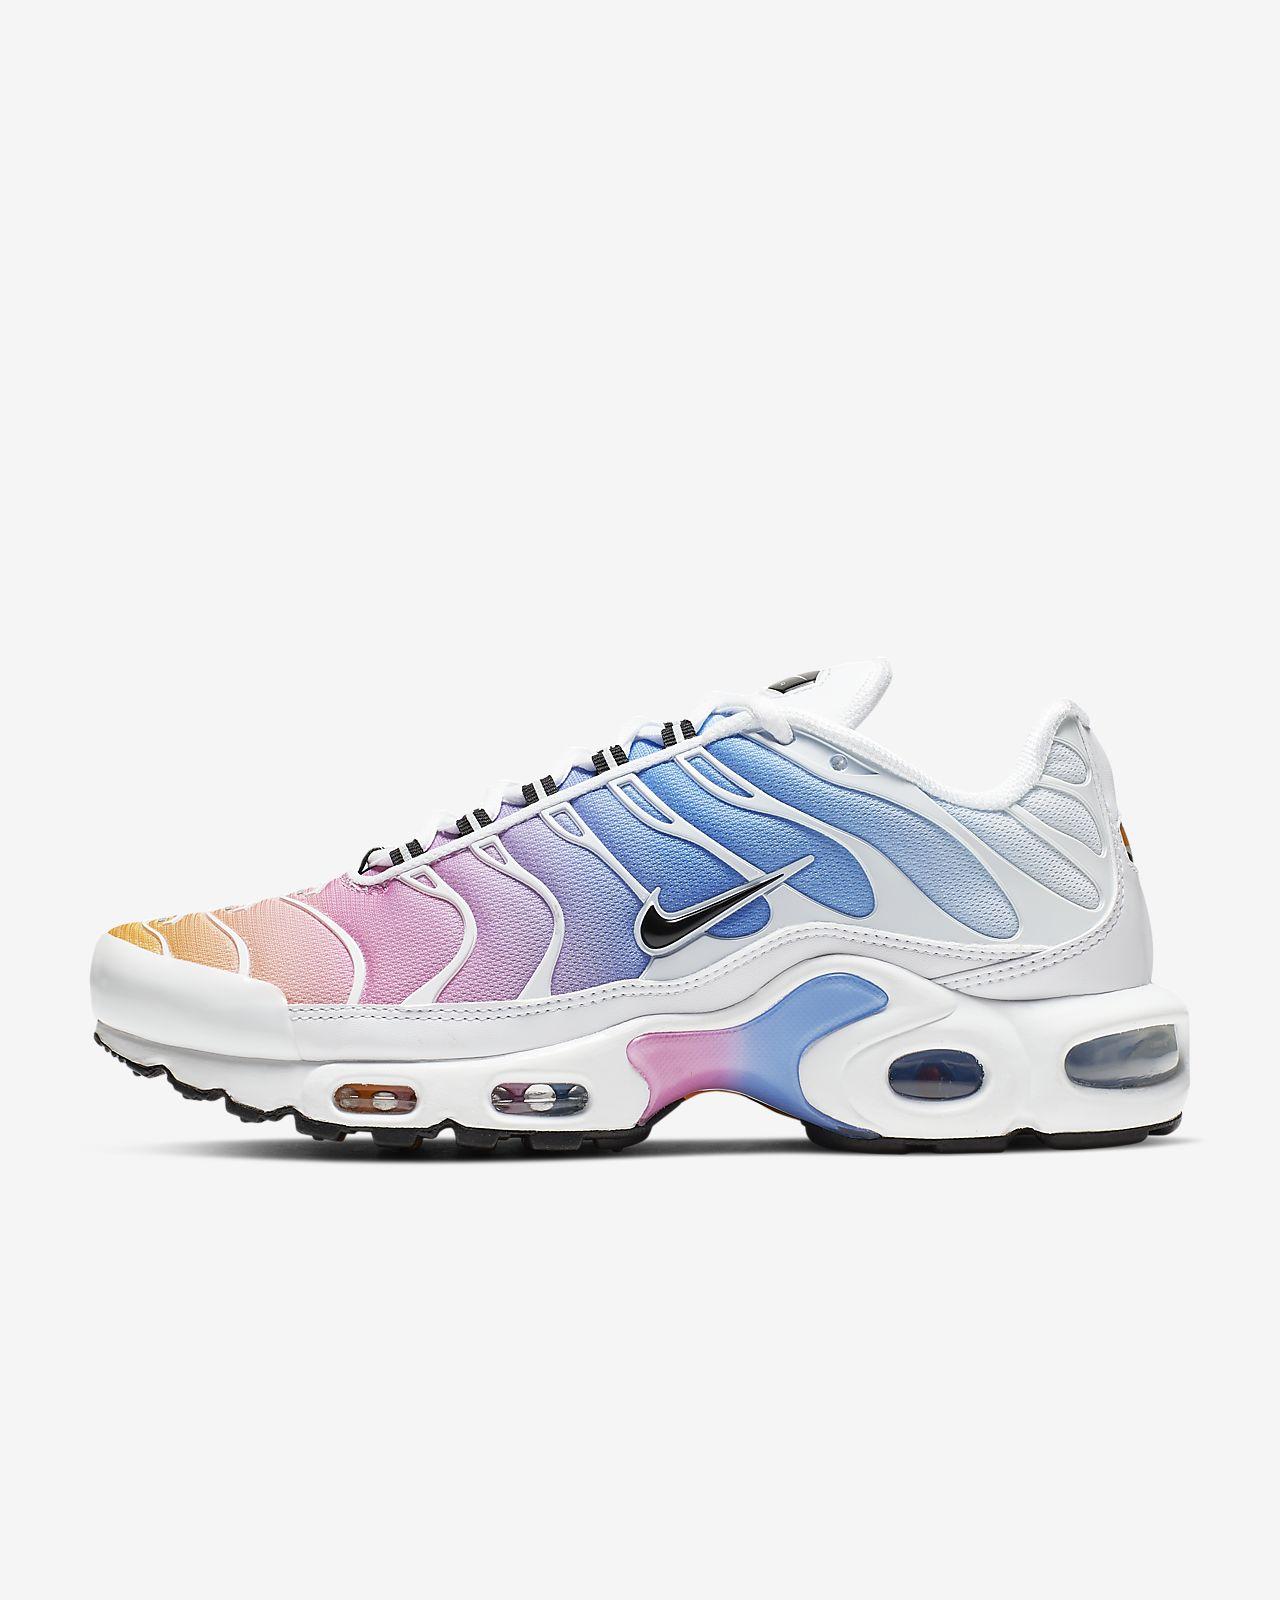 Chaussure Nike Air Max Plus Metallic pour Femme